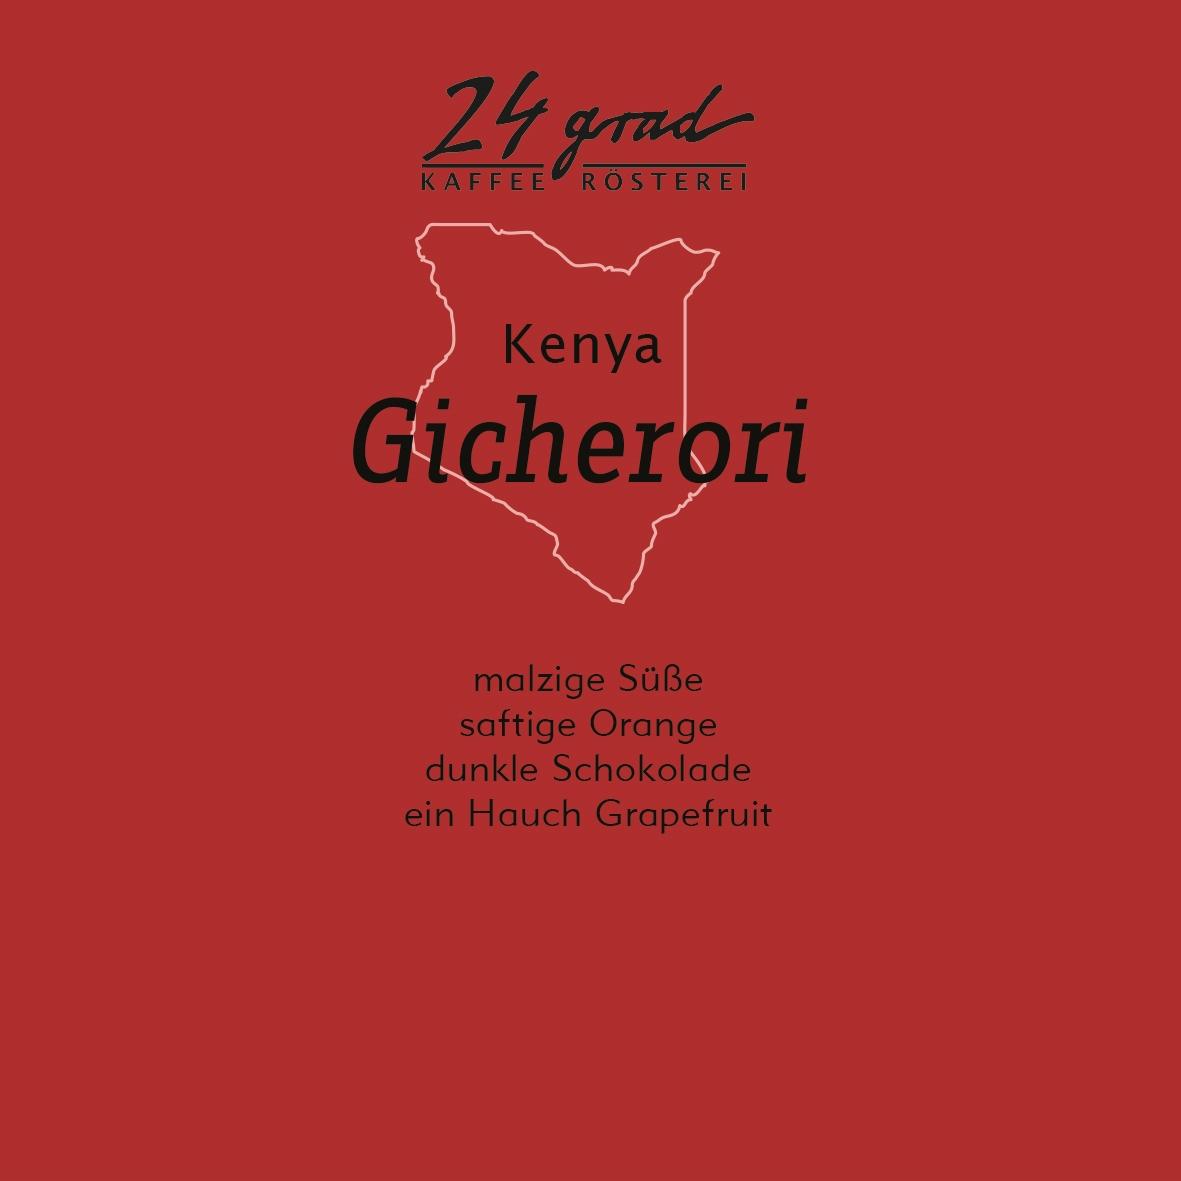 Kenya Gicherori